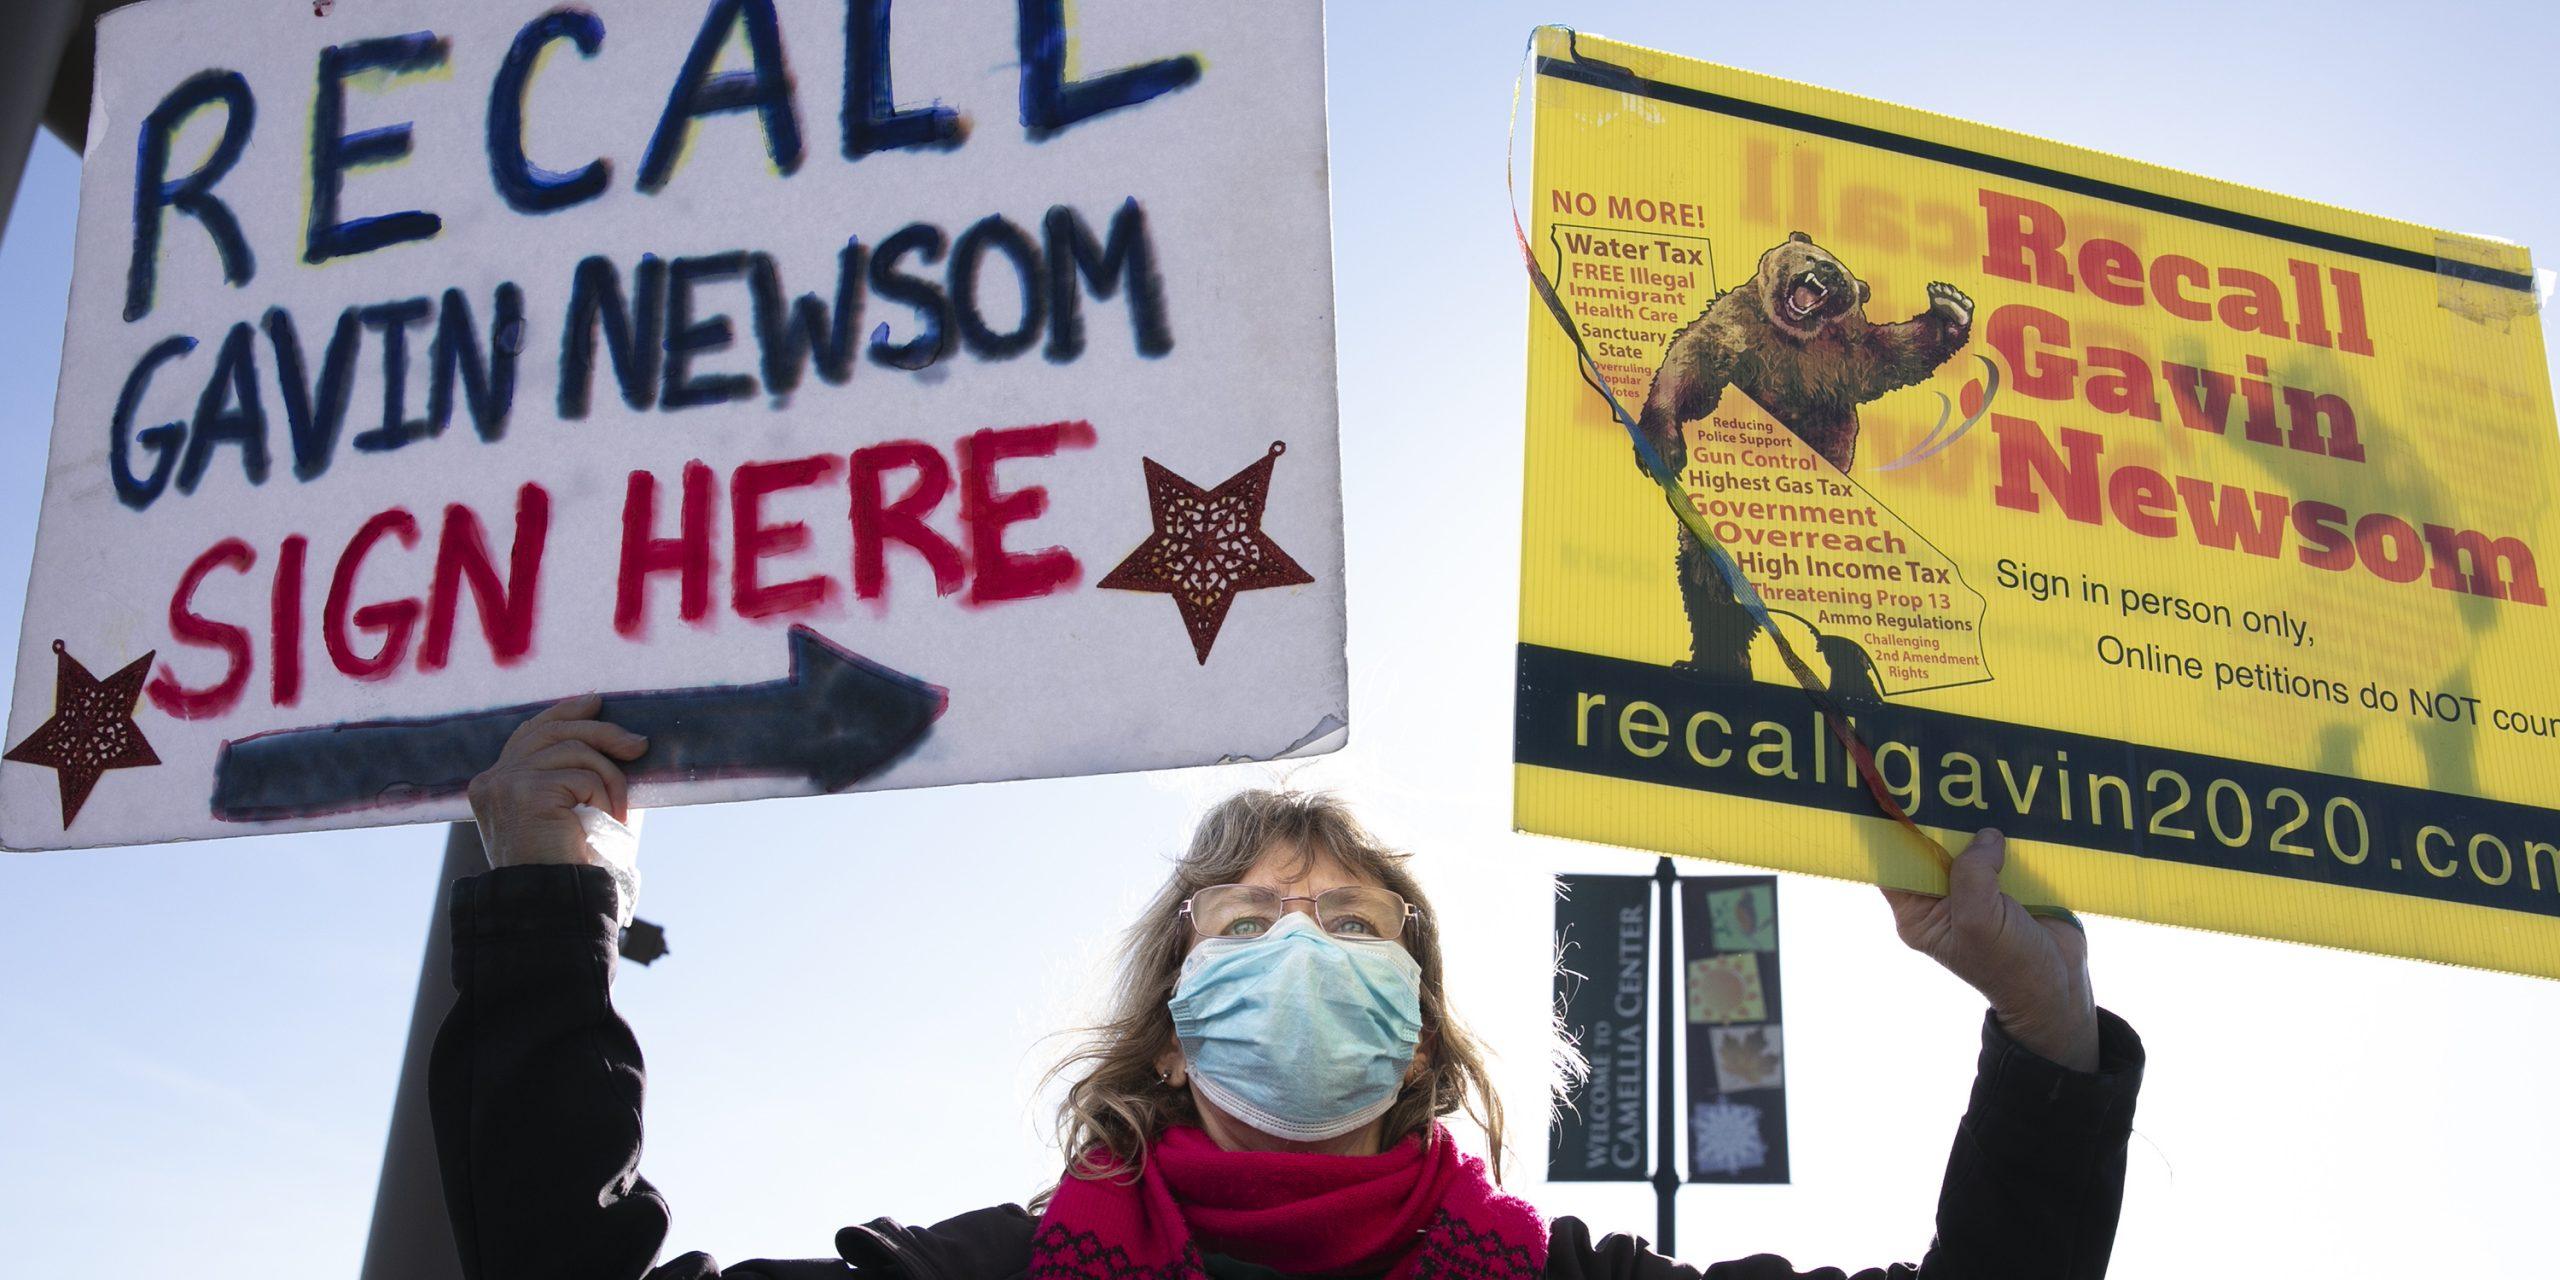 罢免加州州长案两方阵营纷纷在劳工节造势